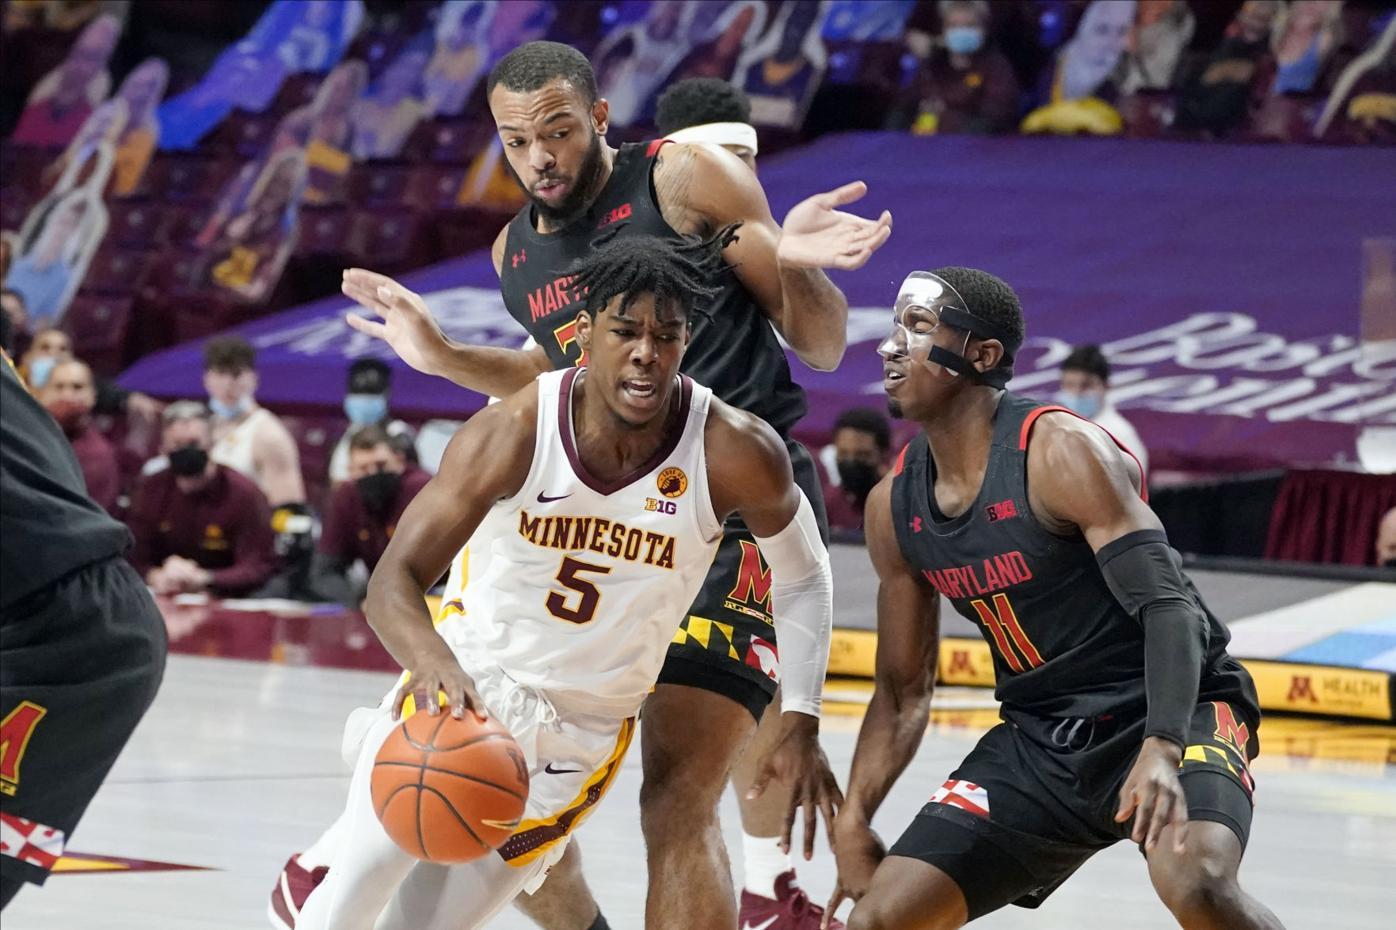 Maryland Minnesota Basketball